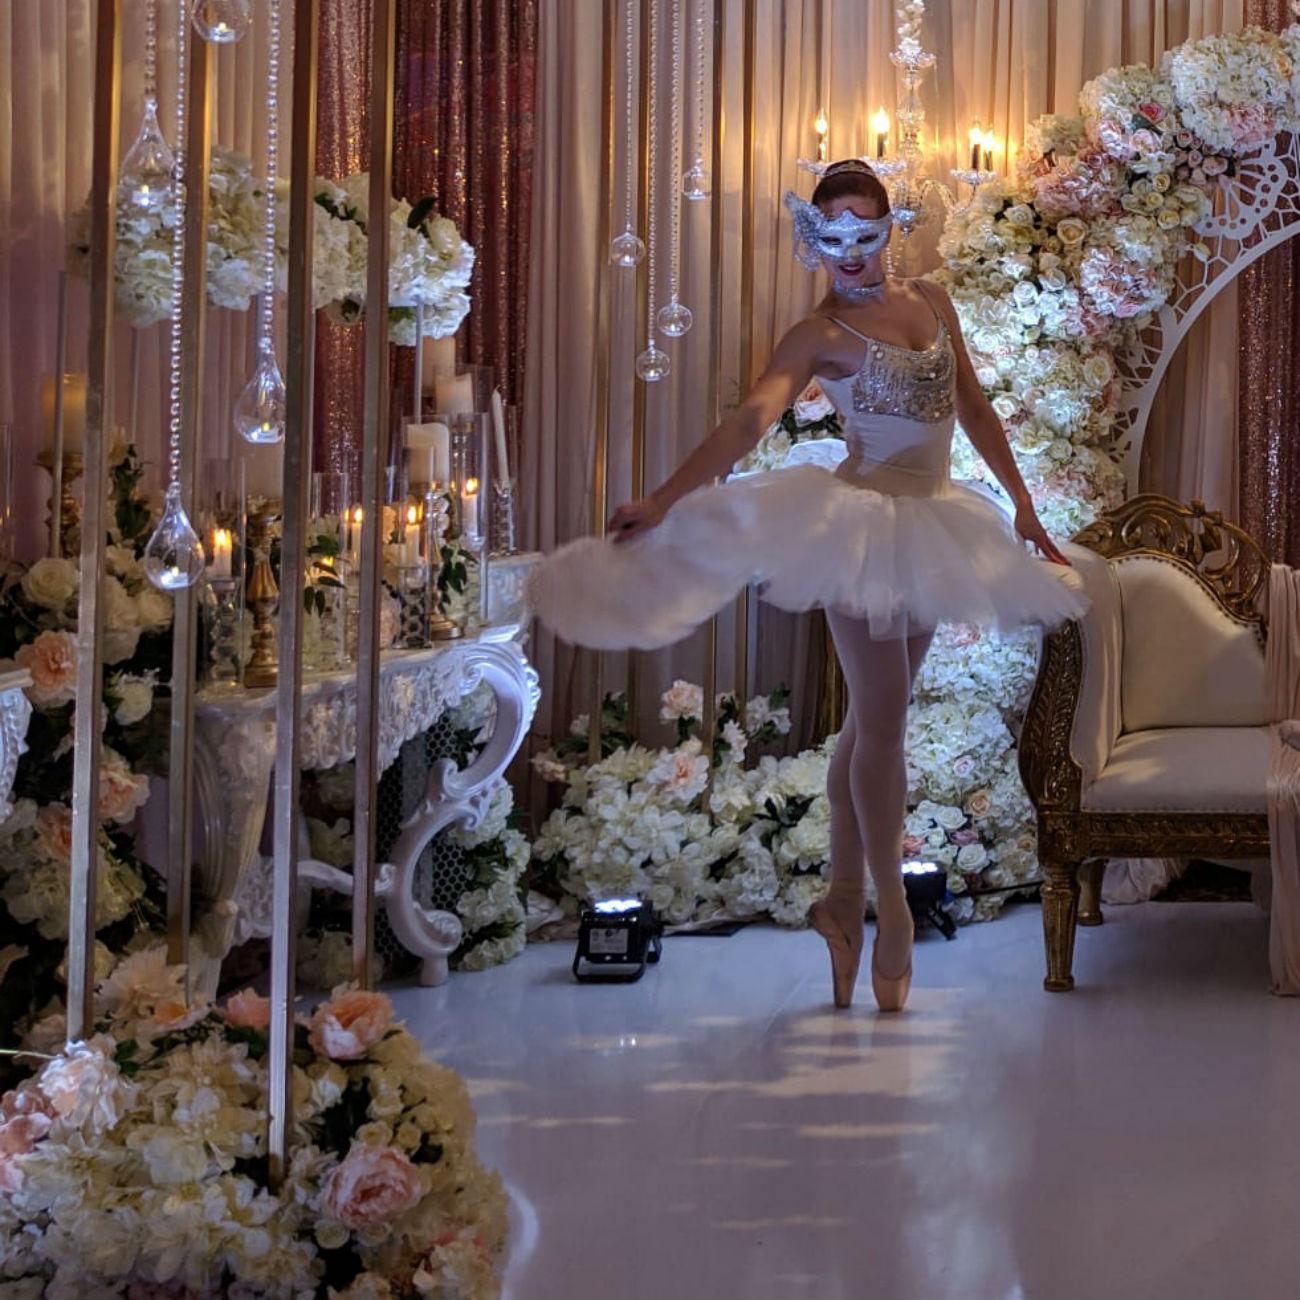 Roaming Ballerinas